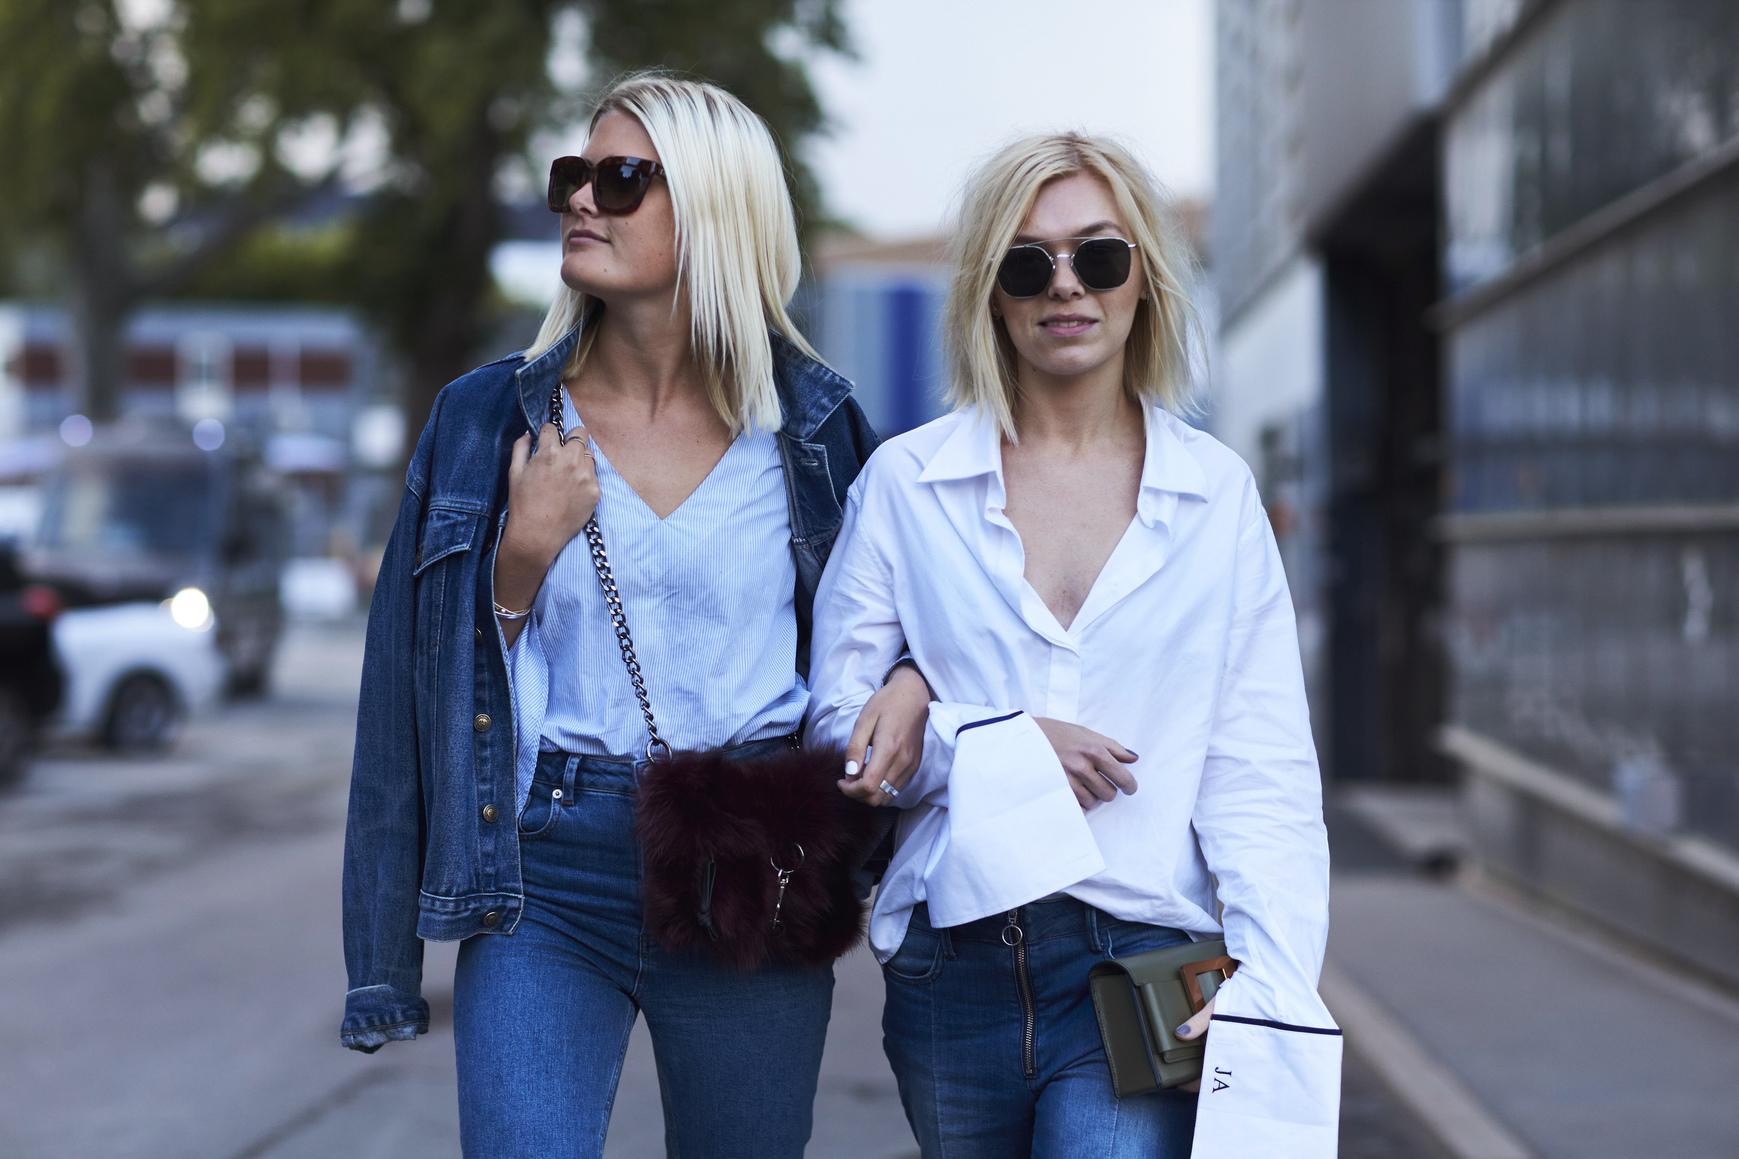 Как уместно и правильно одеться в стиле casual-320x180